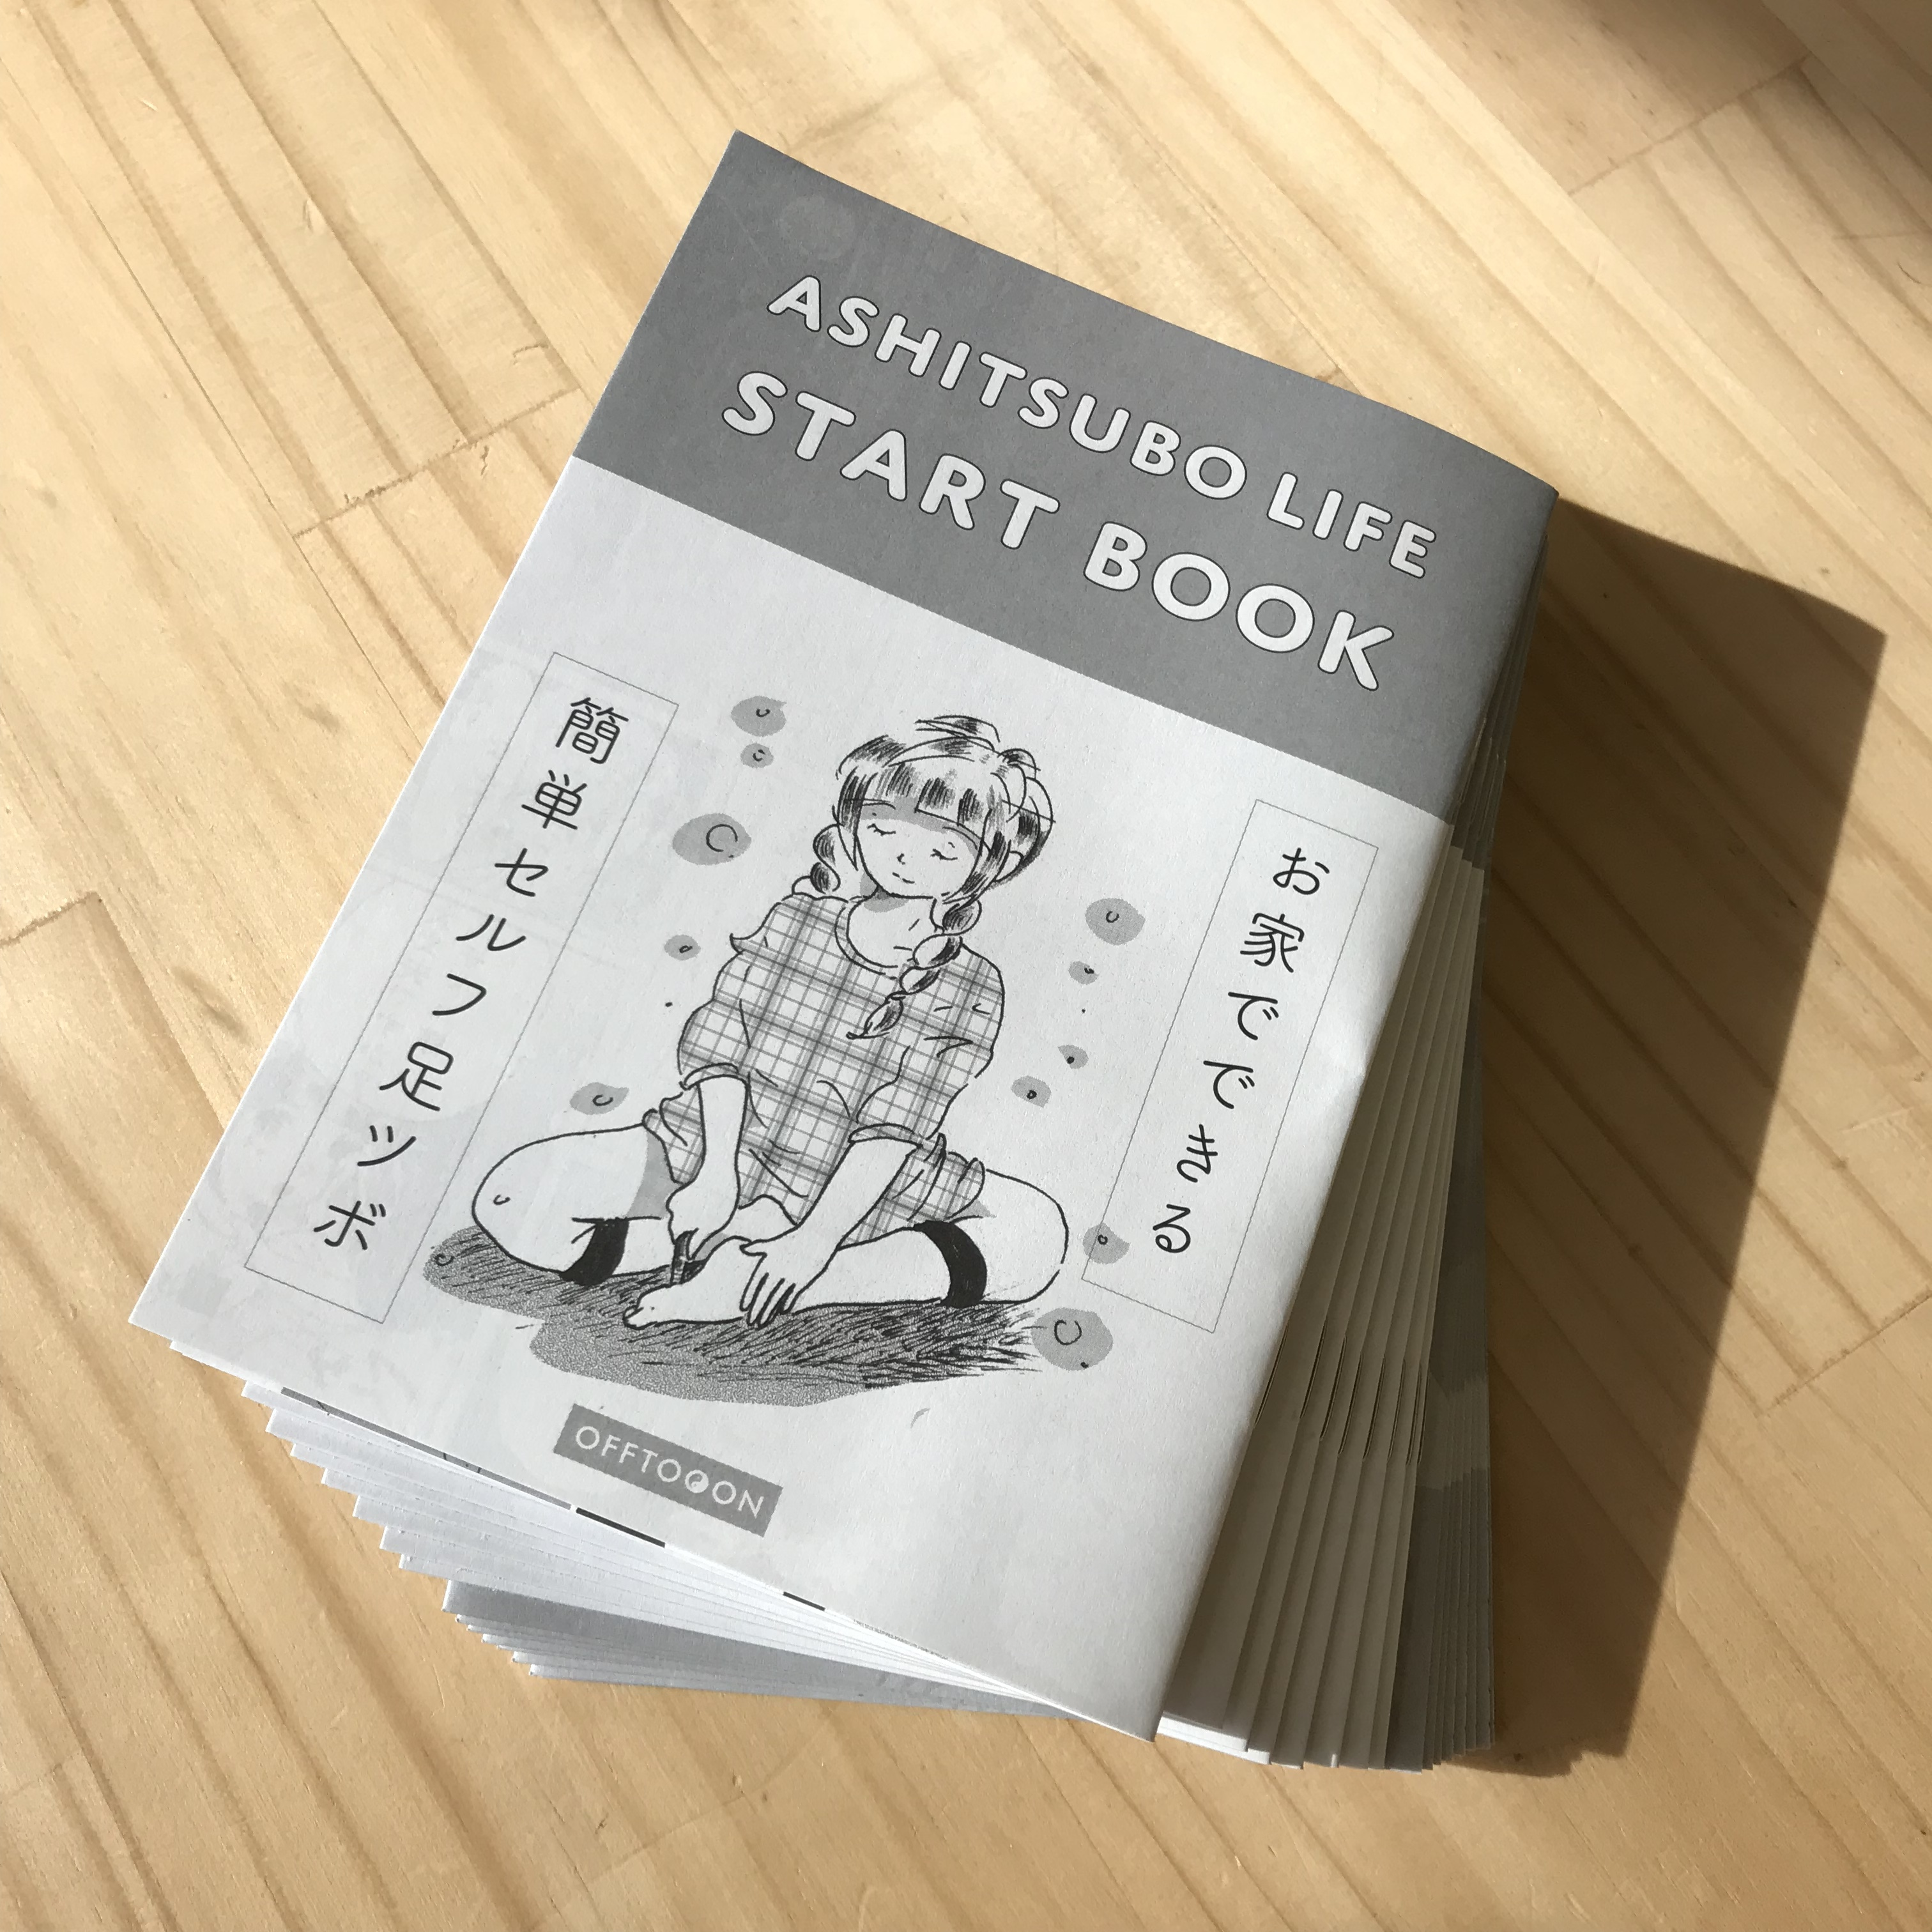 足ツボ教室*セルフケア*体験セミナー vol 06 7/20(土)開催 お知らせ👣👍